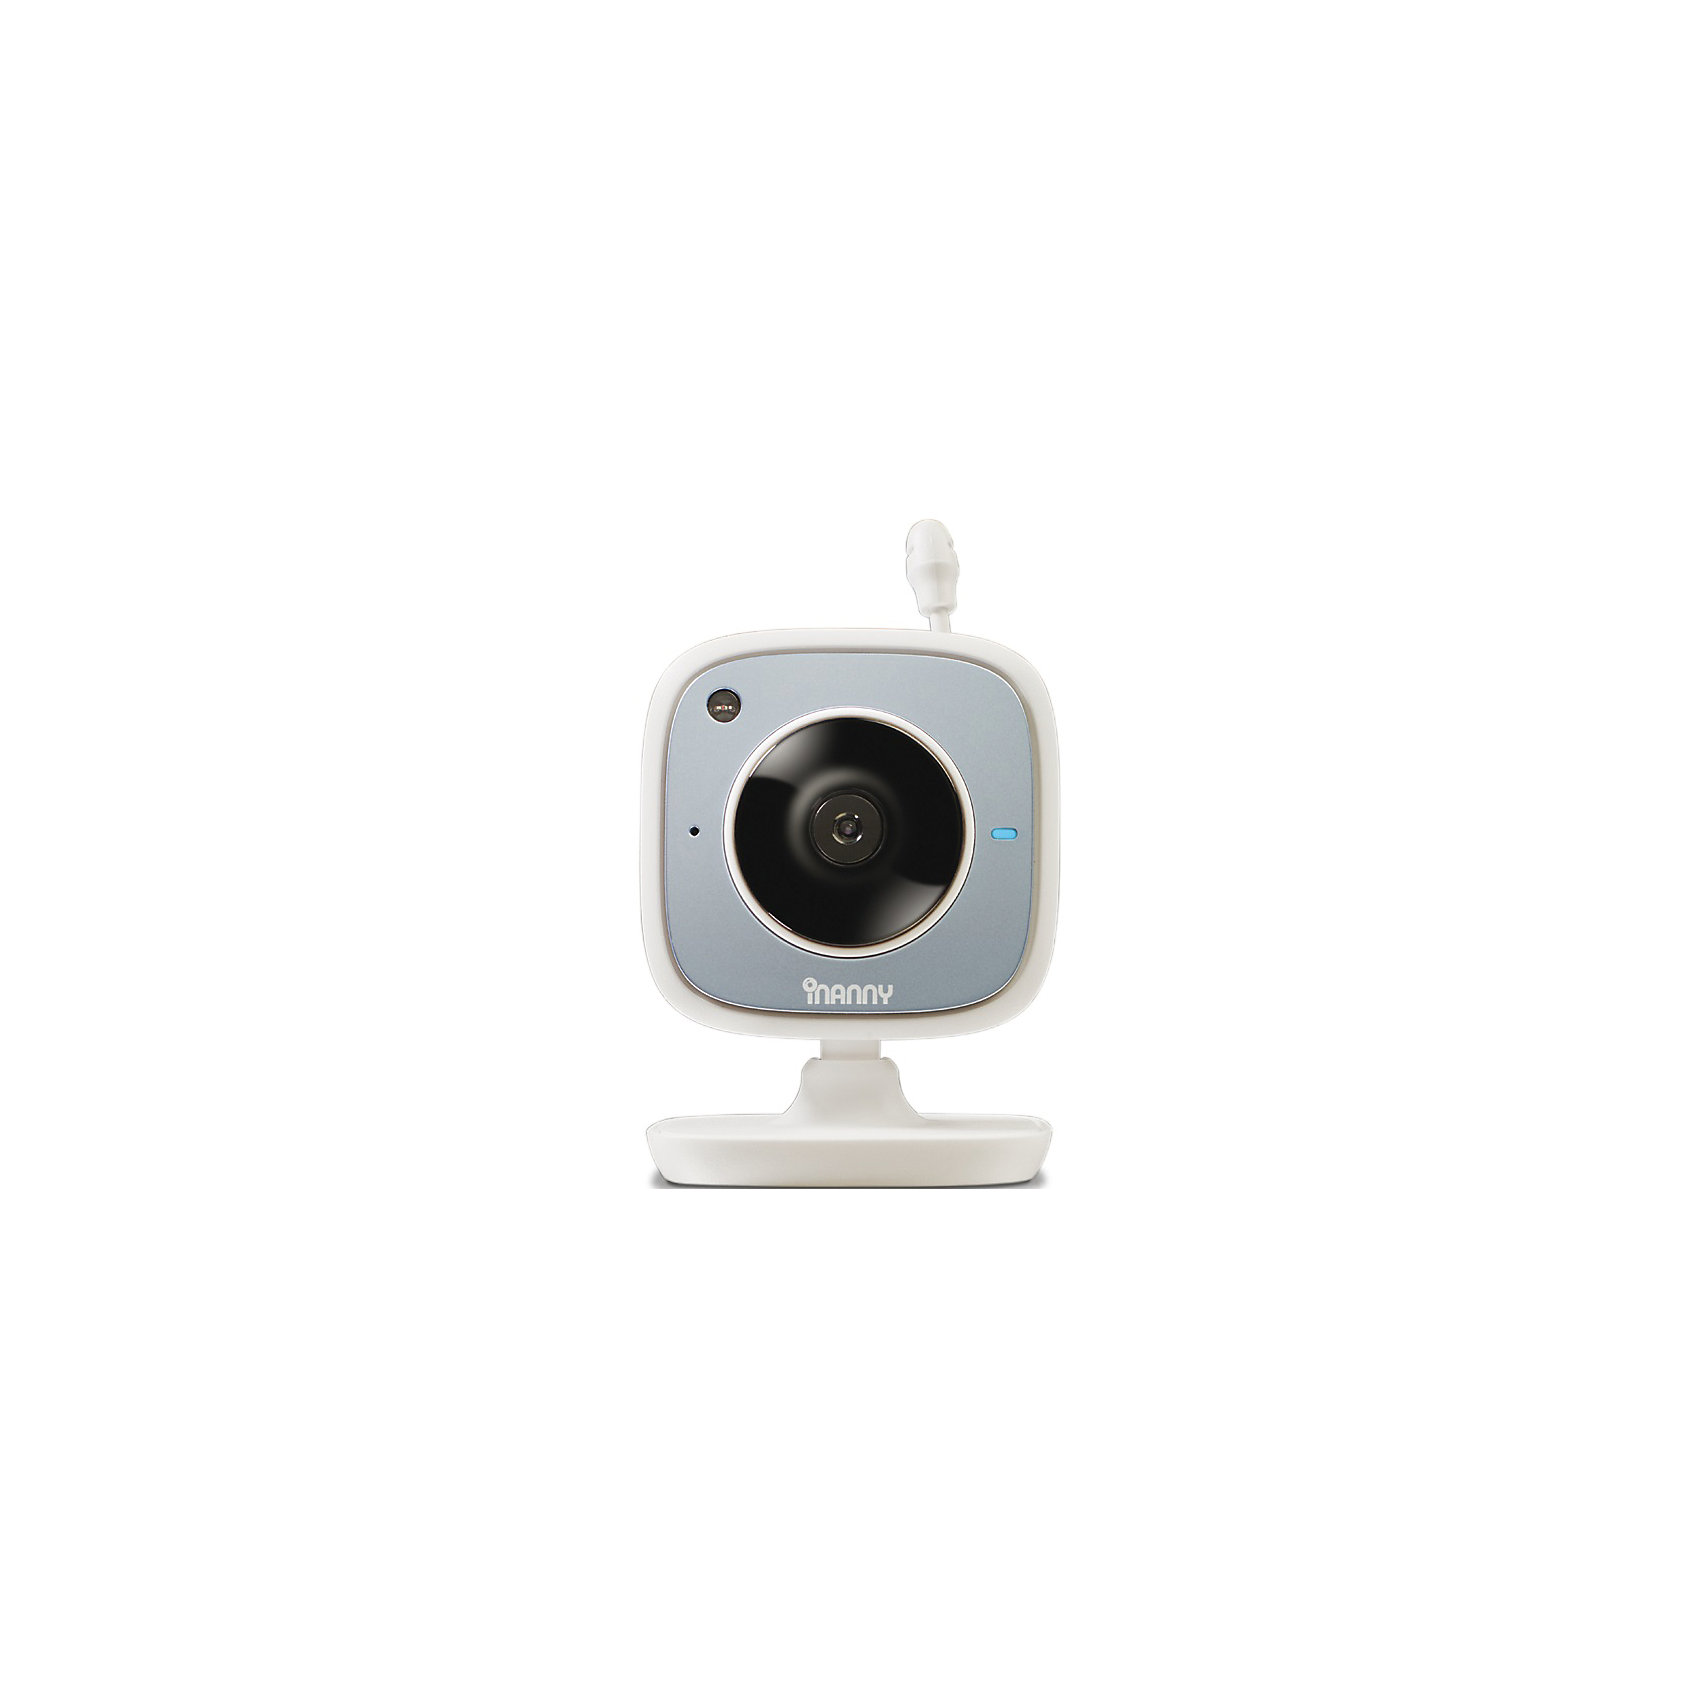 Камера IP, iNannyДетская бытовая техника<br>IP-камера iNanny с возможностью передачи данных через Wi-Fi поможет вам знать, что делает ваш малыш, даже когда вы не находитесь рядом с ним. Высокое качество изображения, двухсторонняя связь с ребенком, ночной режим, возможность подключения до 4 камер, определение температуры делают эту видеокамеру прекрасным подарком, который поможет маме заняться своими делами и быть спокойной за кроху. <br>Особенности:<br>-высококачественное изображение<br>-двухстороння связь<br>-пять колыбельных<br>-измерение температуры<br>-возможность просматривать изображение со смартфона, планшета или компьютера с помощью приложения iNanny monitors<br>-совместима с IOS и Android<br>Дополнительная информация:<br>Материал: пластик<br>Размеры: 22х11,5х6,5 см<br>Вес: 357 грамм<br>IP-камеру iNanny можно приобрести  в нашем интернет-магазине.<br><br>Ширина мм: 65<br>Глубина мм: 115<br>Высота мм: 220<br>Вес г: 357<br>Возраст от месяцев: 0<br>Возраст до месяцев: 24<br>Пол: Унисекс<br>Возраст: Детский<br>SKU: 4794358